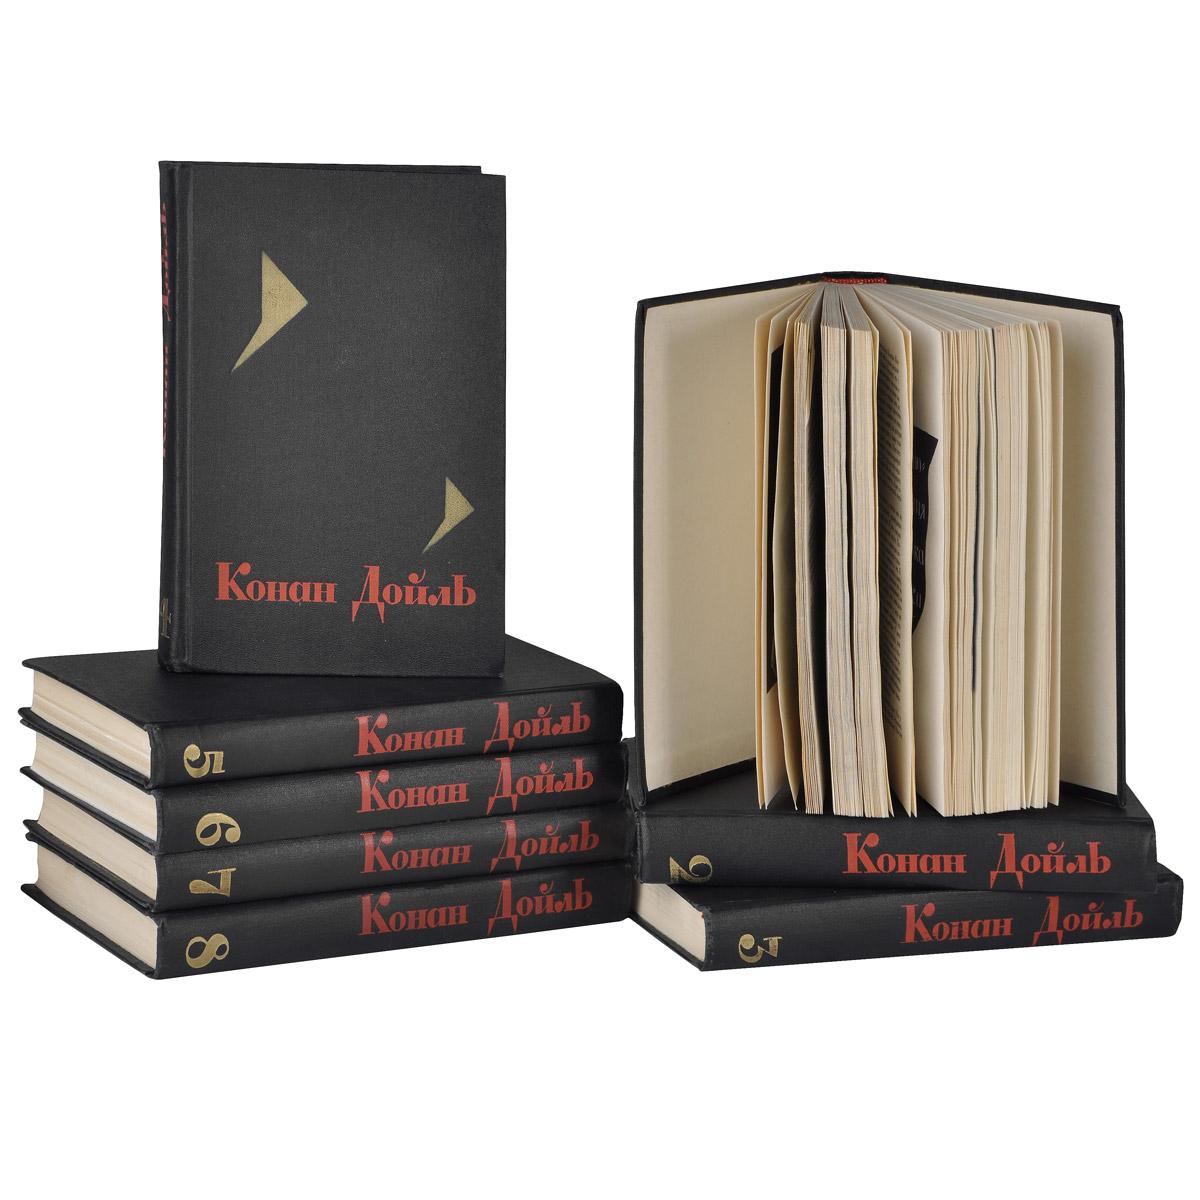 Конан Дойль. Собрание сочинений (комплект из 8 книг)